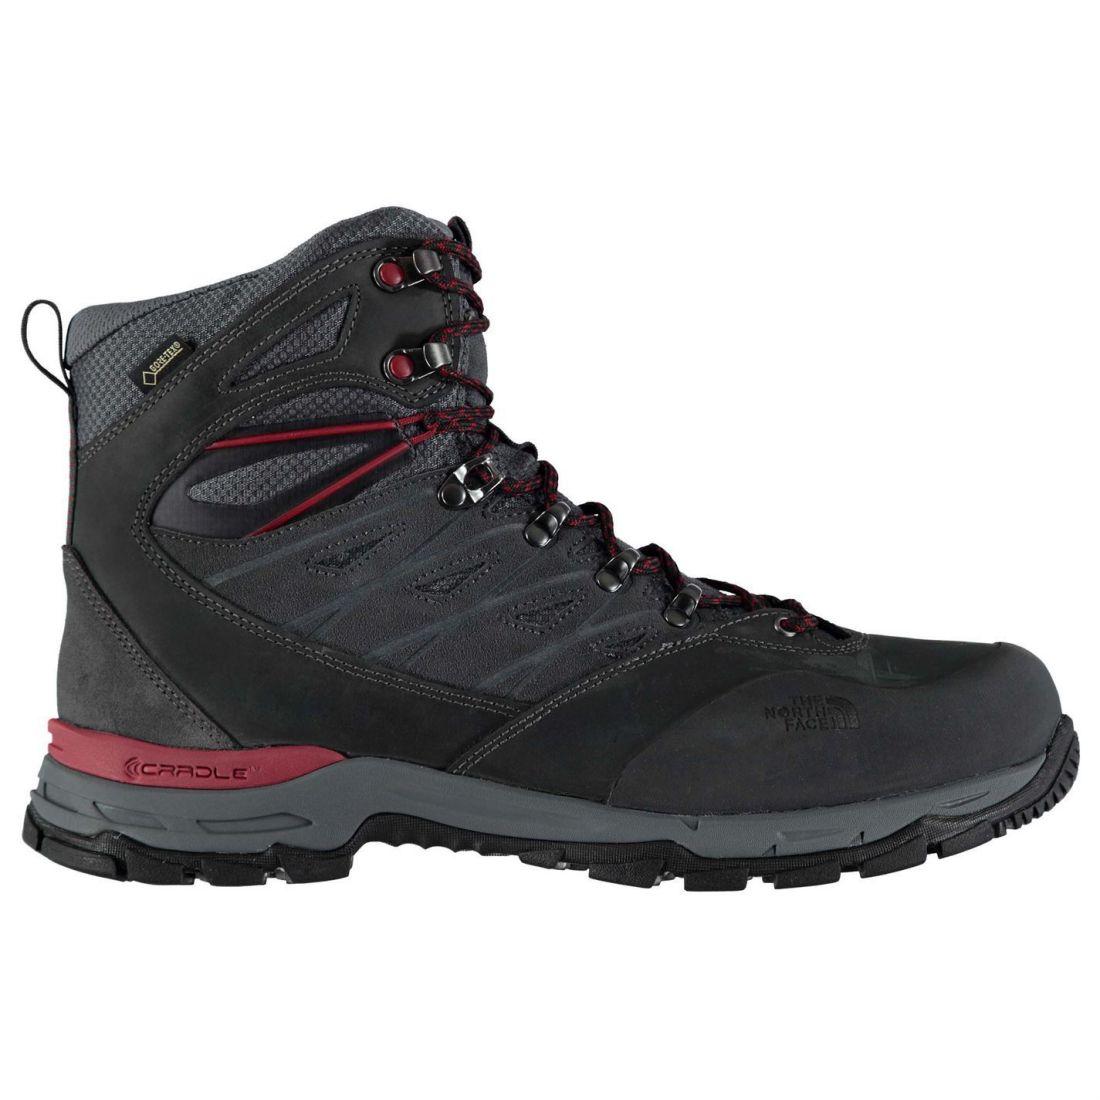 The North Face Erizo GTX Senderismo botas Para Hombres Caballeros caminando